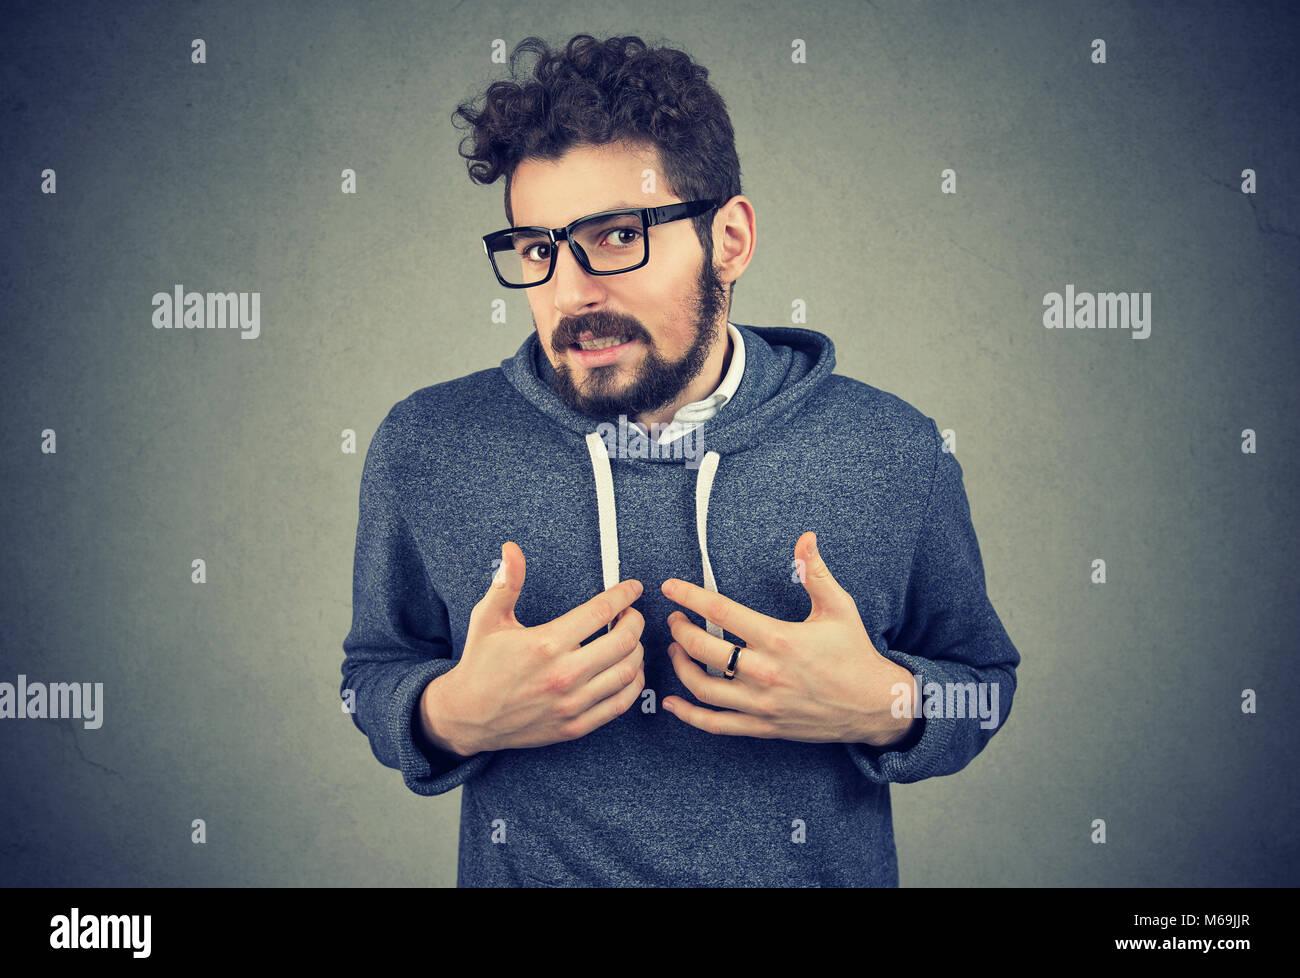 Junge bärtige Mann auf sich selbst verweist schuldig fühlen in der misslichen Lage, und wenn man die Kamera Stockbild